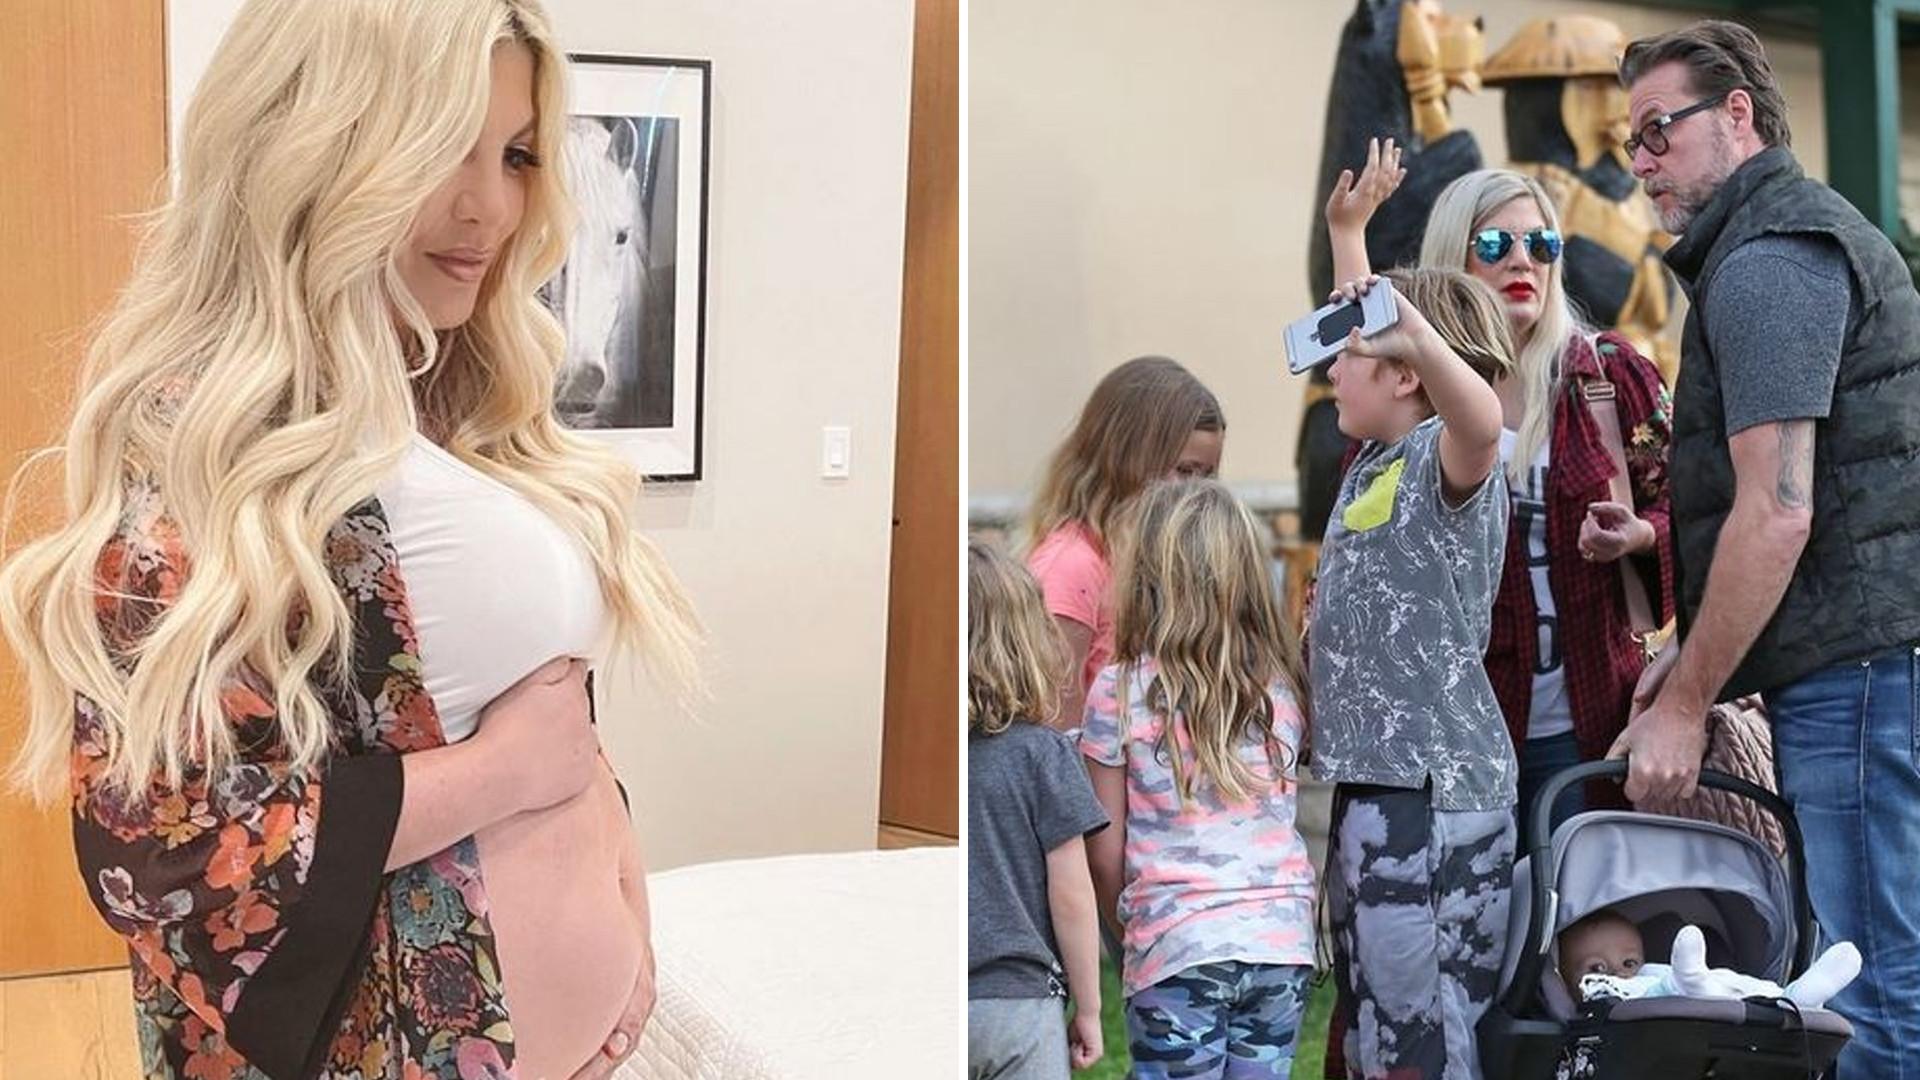 OMG! Tori Spelling jest w SZÓSTEJ ciąży? Pokazała brzuszek!